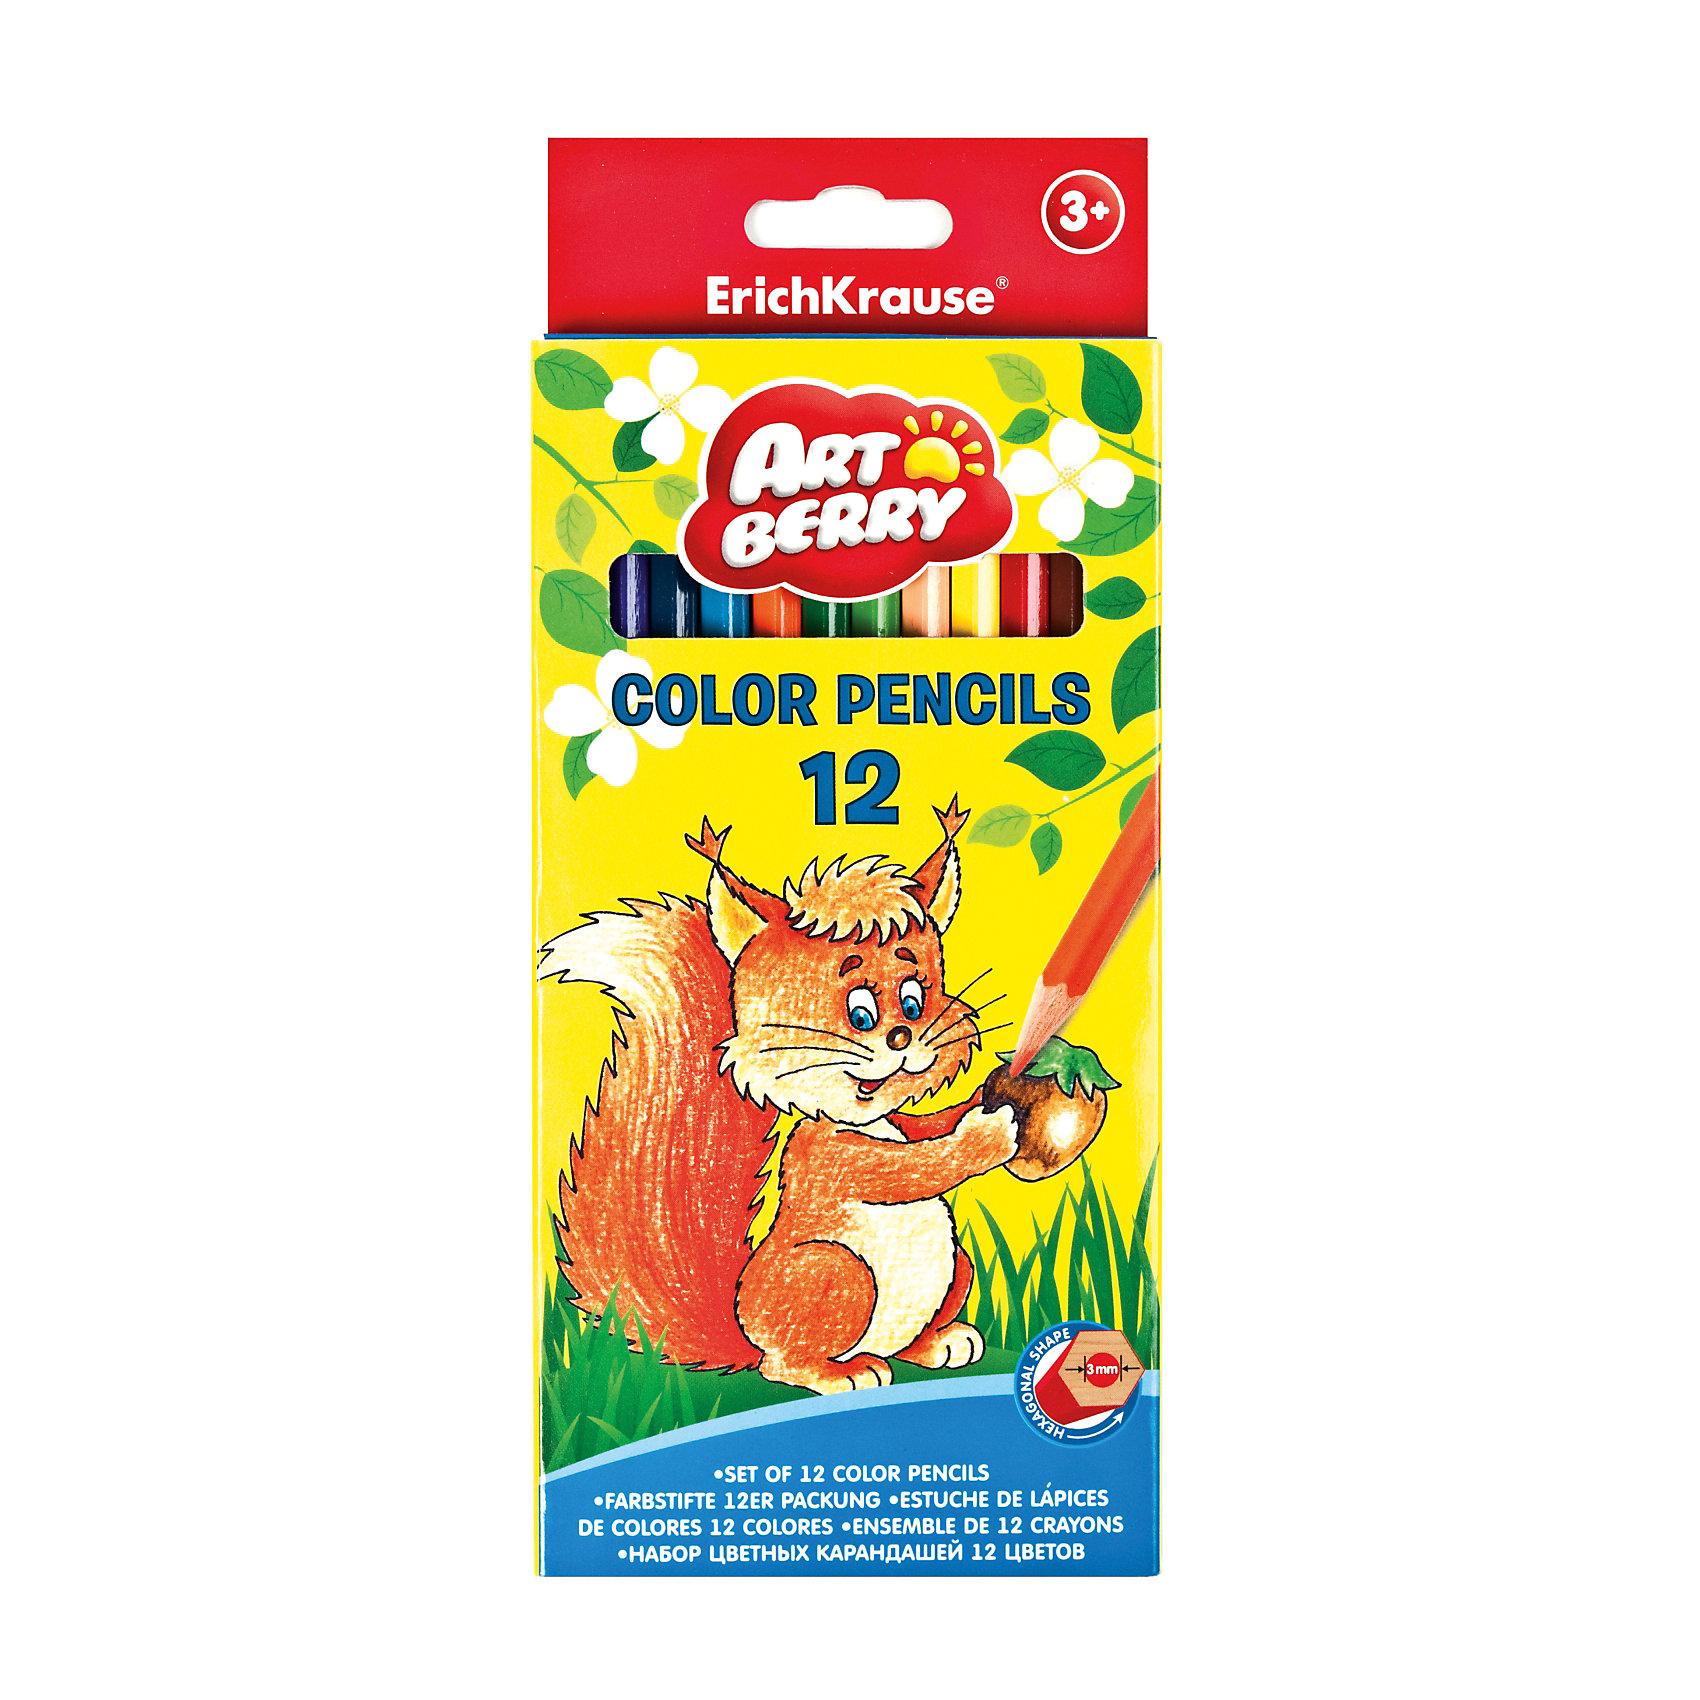 Цветные карандаши шестигранные ArtBerry Premium, 12 цветовХарактеристики цветных шестигранных карандашей ArtBerry:<br><br>• возраст: от 5 лет<br>• пол: для мальчиков и девочек<br>• комплект: 12 карандаша разного цвета<br>• материал: дерево.<br>• упаковка: картонная коробка <br>• толщина грифеля: 3 мм.<br>• длина карандаша: 17 см.<br>• размеры упаковки: 18.5x6x1 см<br>• вес в упаковке : 55 г.<br>• бренд: Erich Krause<br>• страна обладатель бренда: Россия<br><br>Цветные карандаши – постоянные спутники юных художников и спасители мам, позволяющие хоть на несколько минут отвлечь активного ребенка. Рисование помогает детям развить фантазию и логическое мышление путем соотнесения цветов и форм, позволяет выработать усидчивость и учит сосредотачивать внимание на конкретной задаче. К тому же это весело, особенно если родители присоединятся к творческому процессу. <br><br>Карандаши Erich Krause Artberry 12 цветов и другие виды пишущих принадлежностей, представленные в разделе «Всё для рисования», подходят не только для детского творчества, но и для взрослых, отличаются высоким качеством и позволяют реализовывать проекты любой сложности. Мы не завышаем цены на данные позиции каталога, даже учитывая их широкую востребованность.<br><br>Цветные карандаши шестигранные ArtBerry торговой марки Erich Krause  можно купить в нашем интернет-магазине.<br><br>Ширина мм: 90<br>Глубина мм: 207<br>Высота мм: 10<br>Вес г: 96<br>Возраст от месяцев: 60<br>Возраст до месяцев: 216<br>Пол: Унисекс<br>Возраст: Детский<br>SKU: 3293893